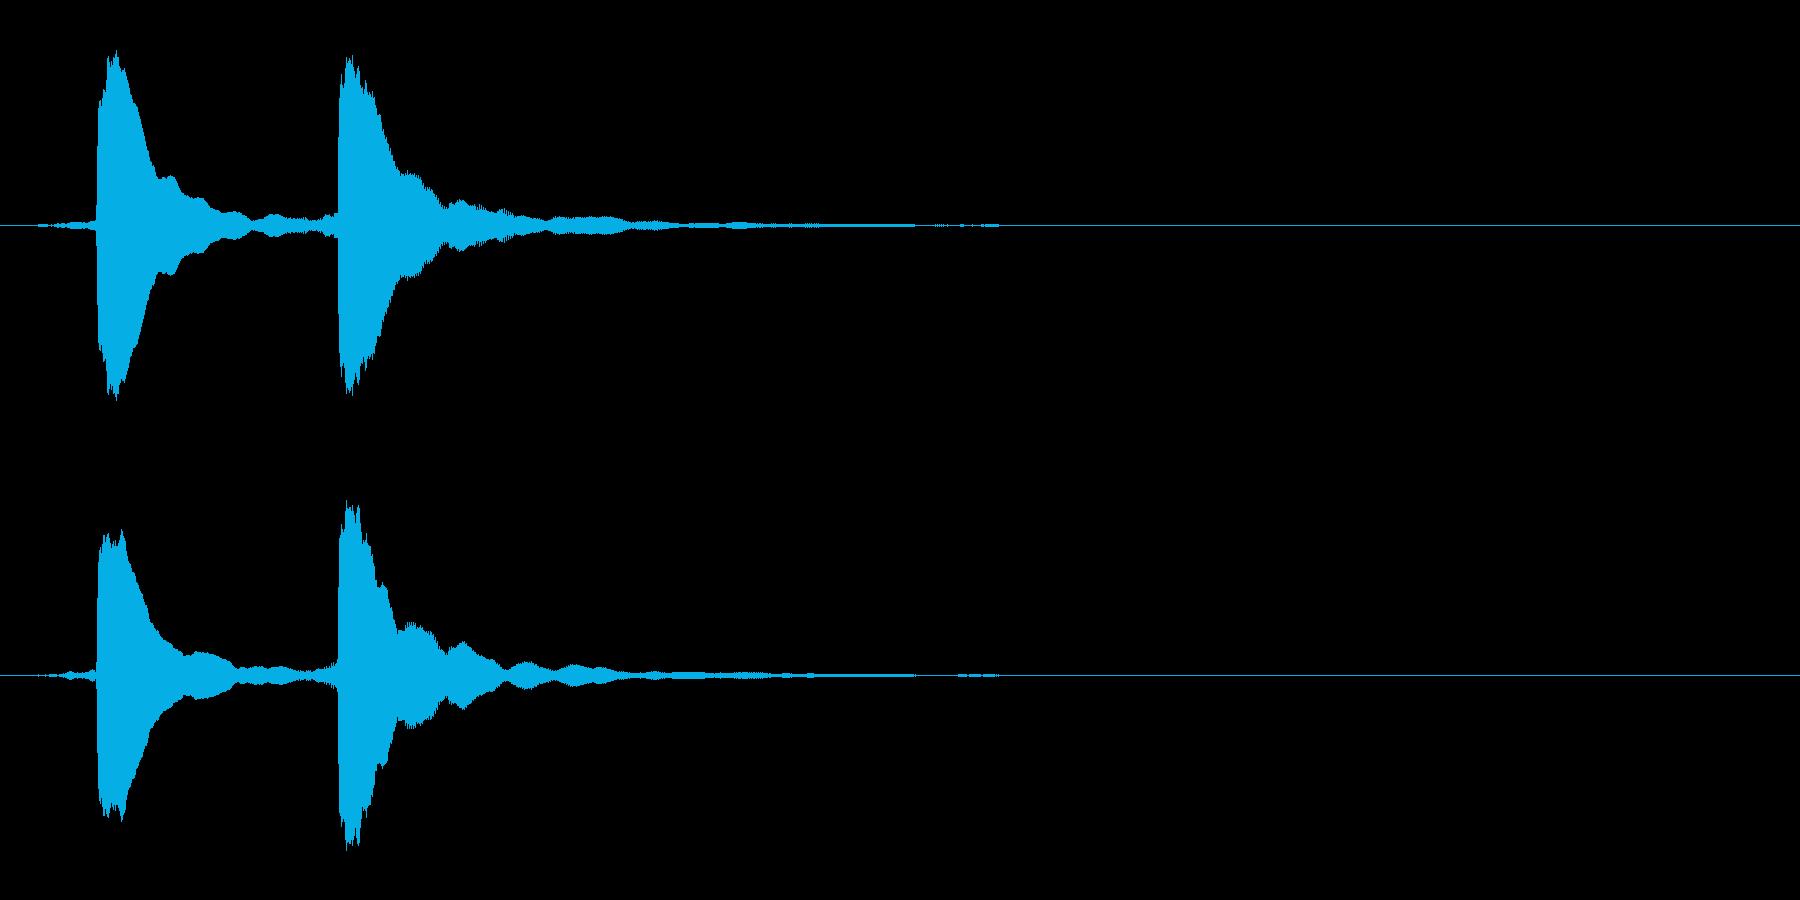 クイズ正解音(ピンポン)5の再生済みの波形